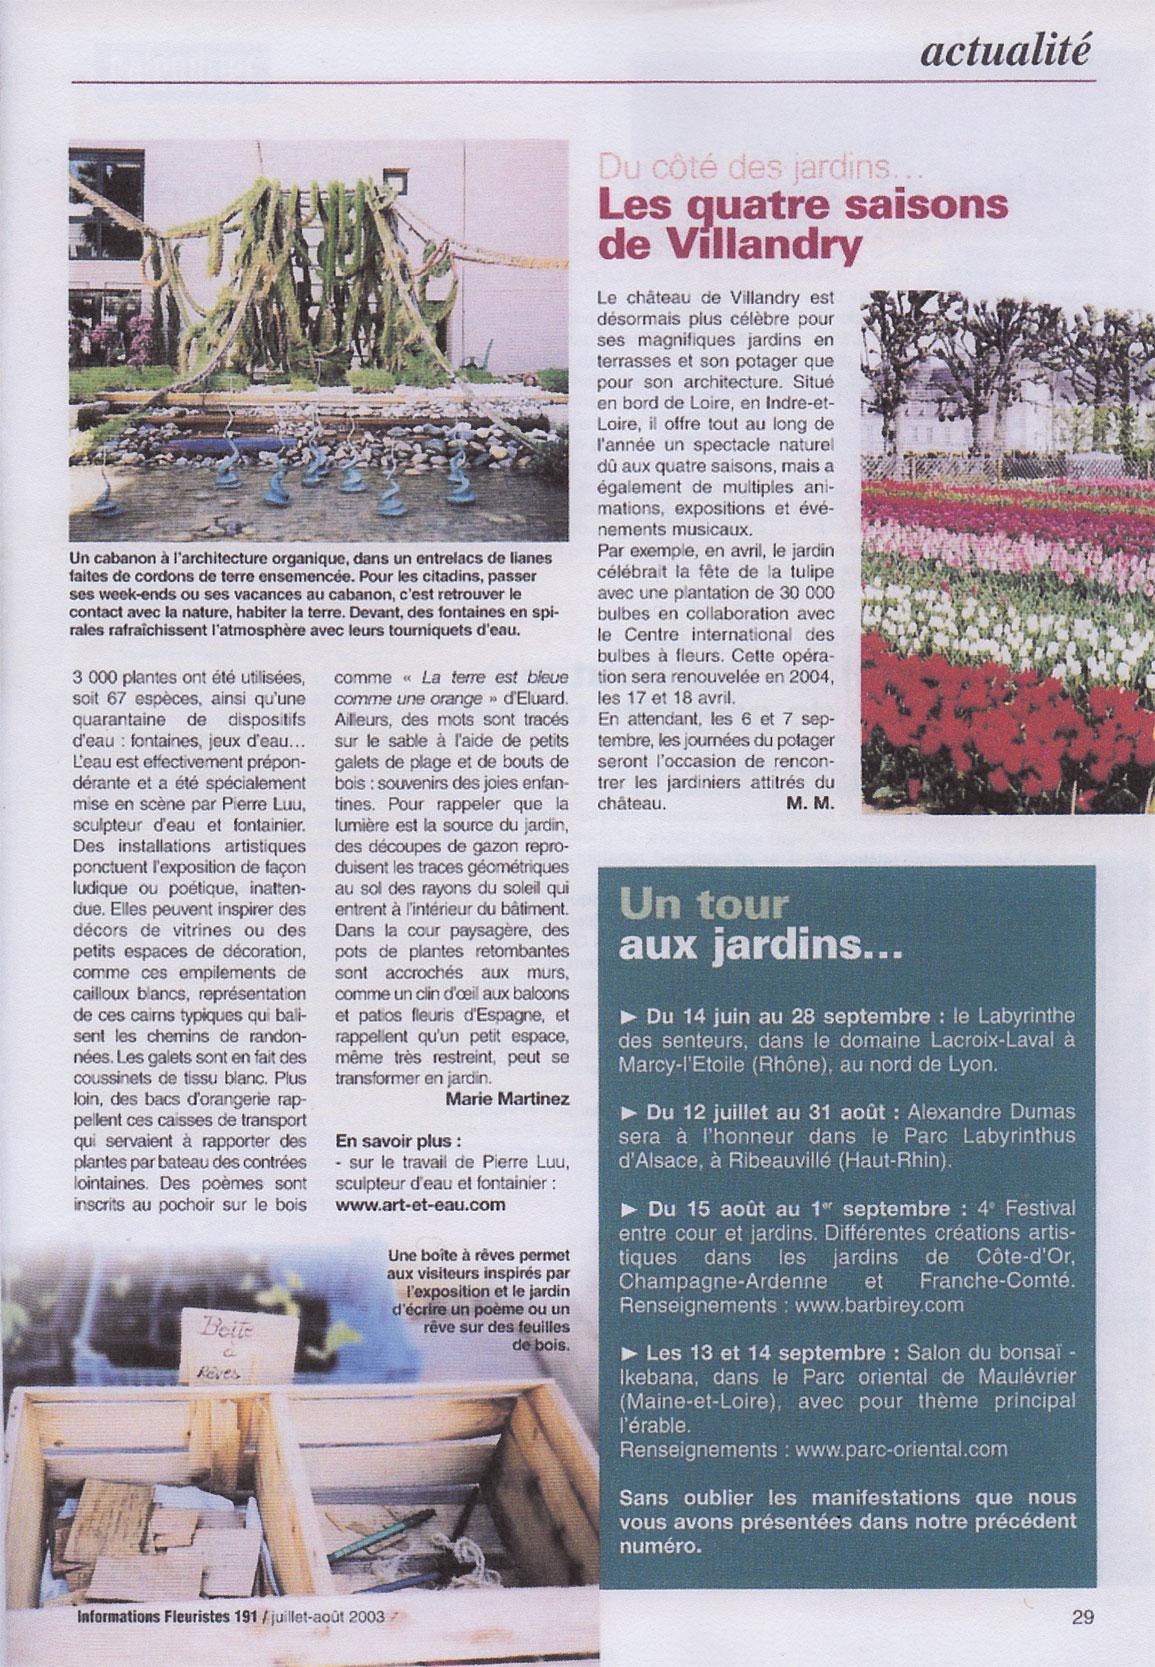 2003-information-fleuriste2